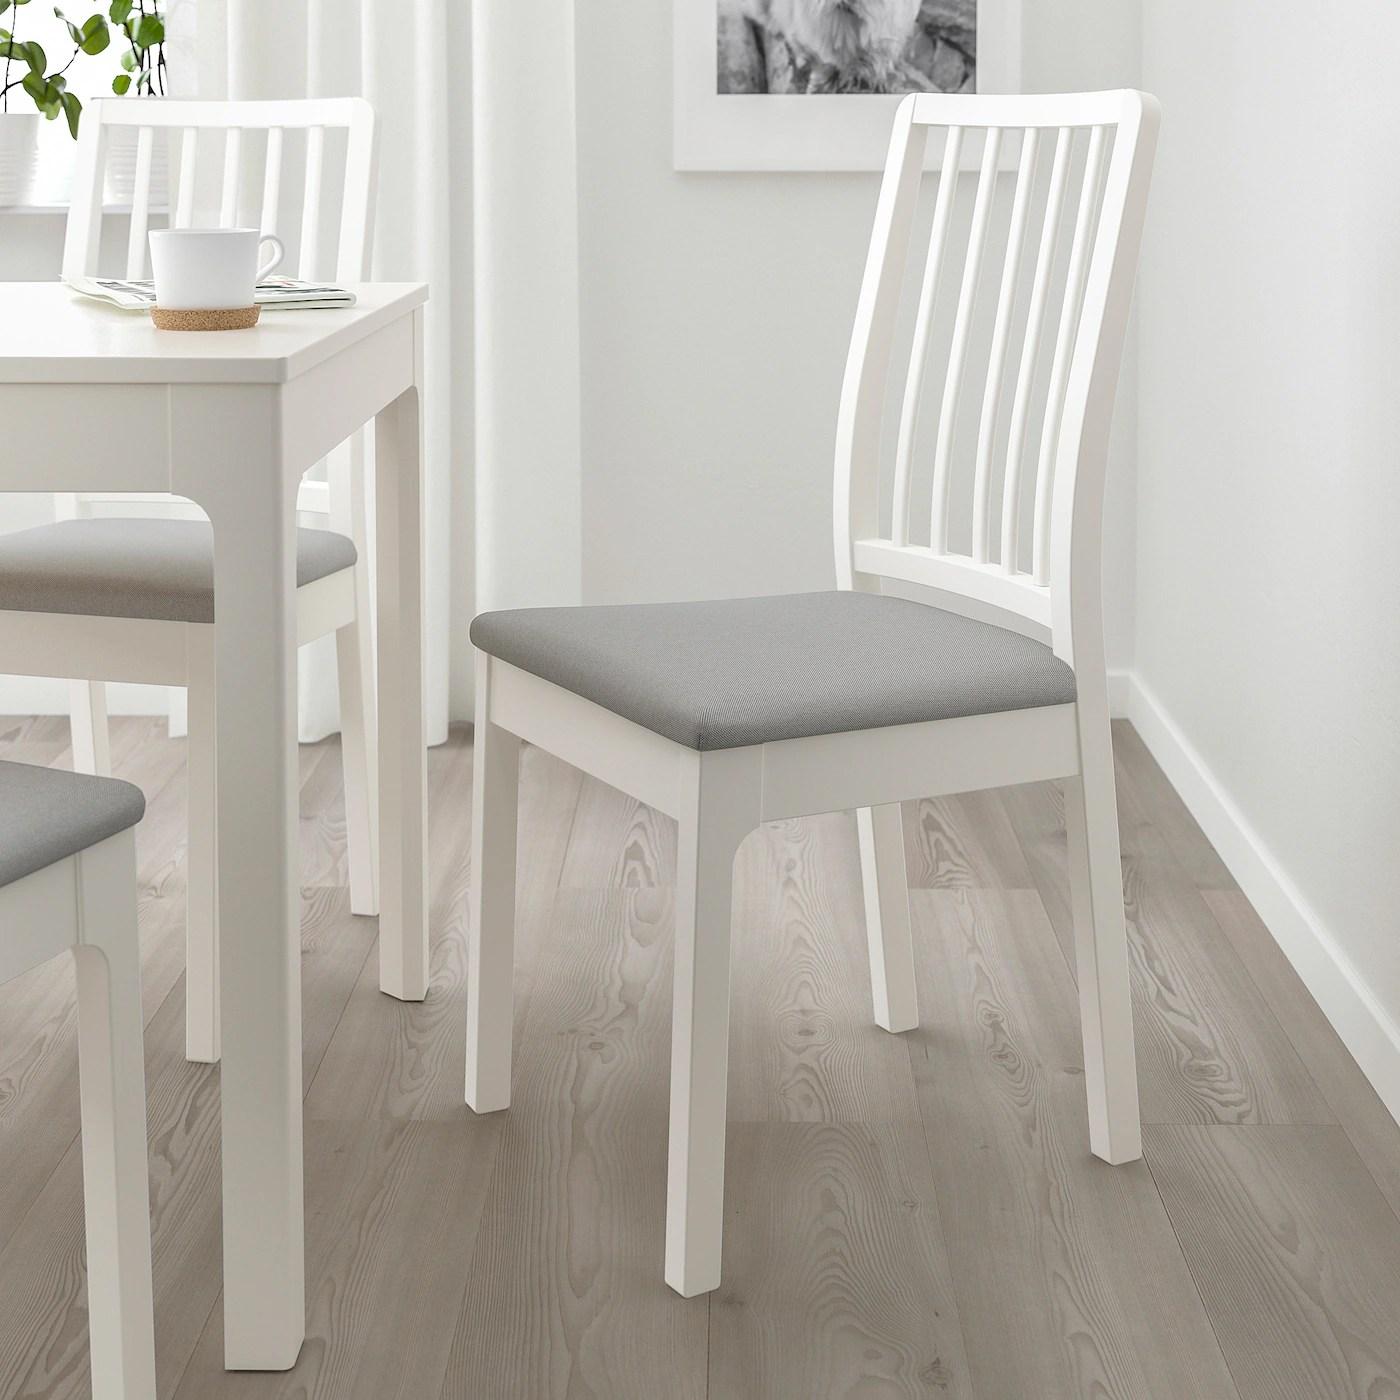 EKEDALEN Stuhl   weiß, Orrsta hellgrau   IKEA Österreich